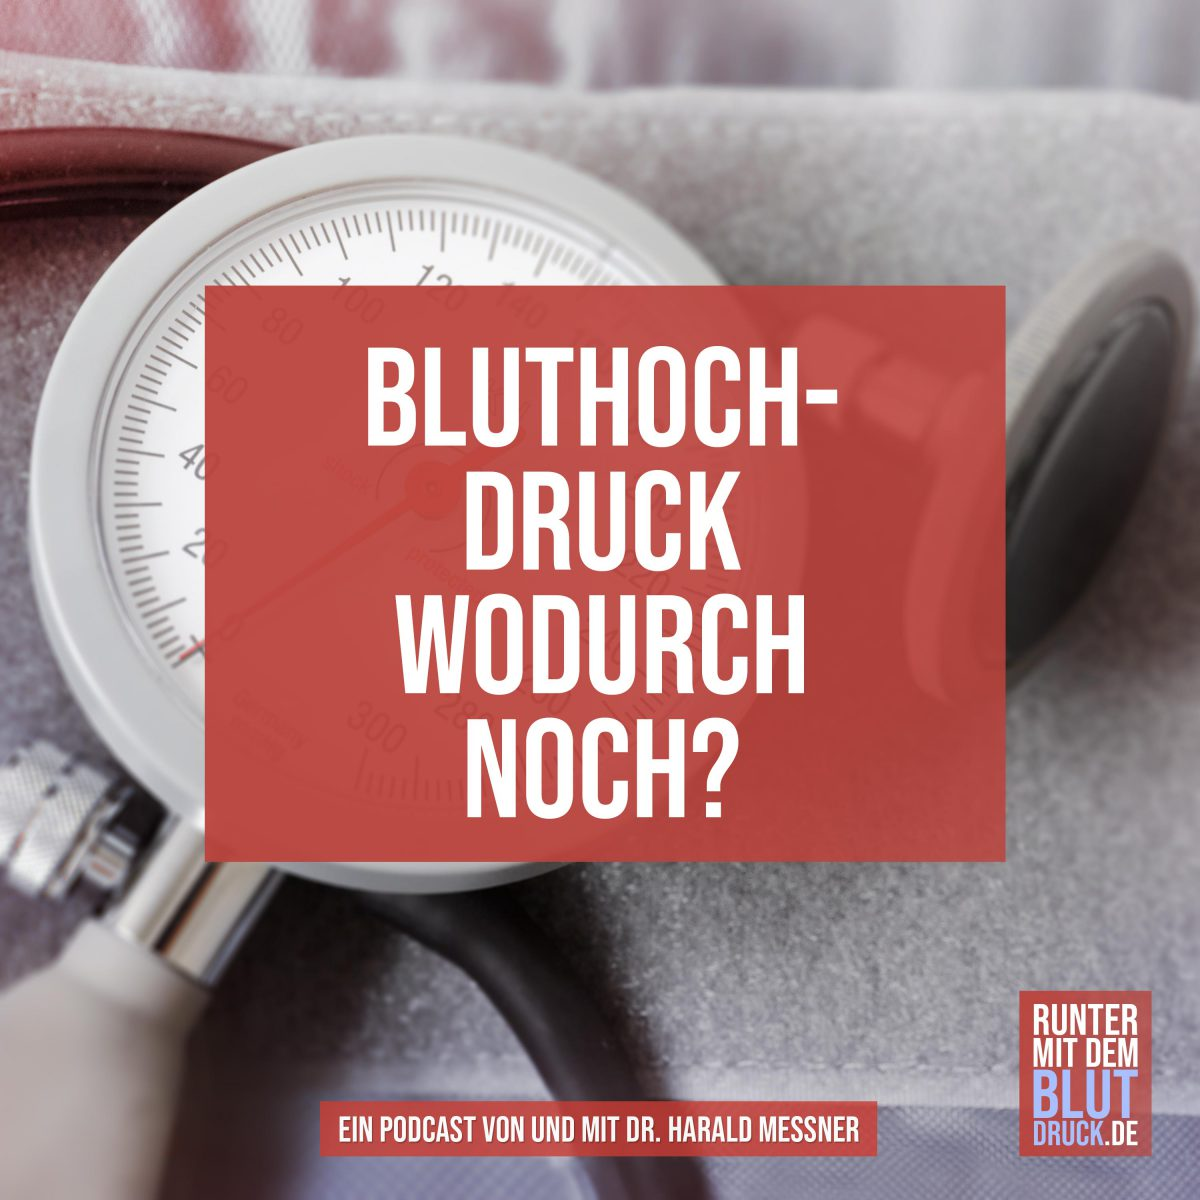 Bluthochdruck – wodurch noch?